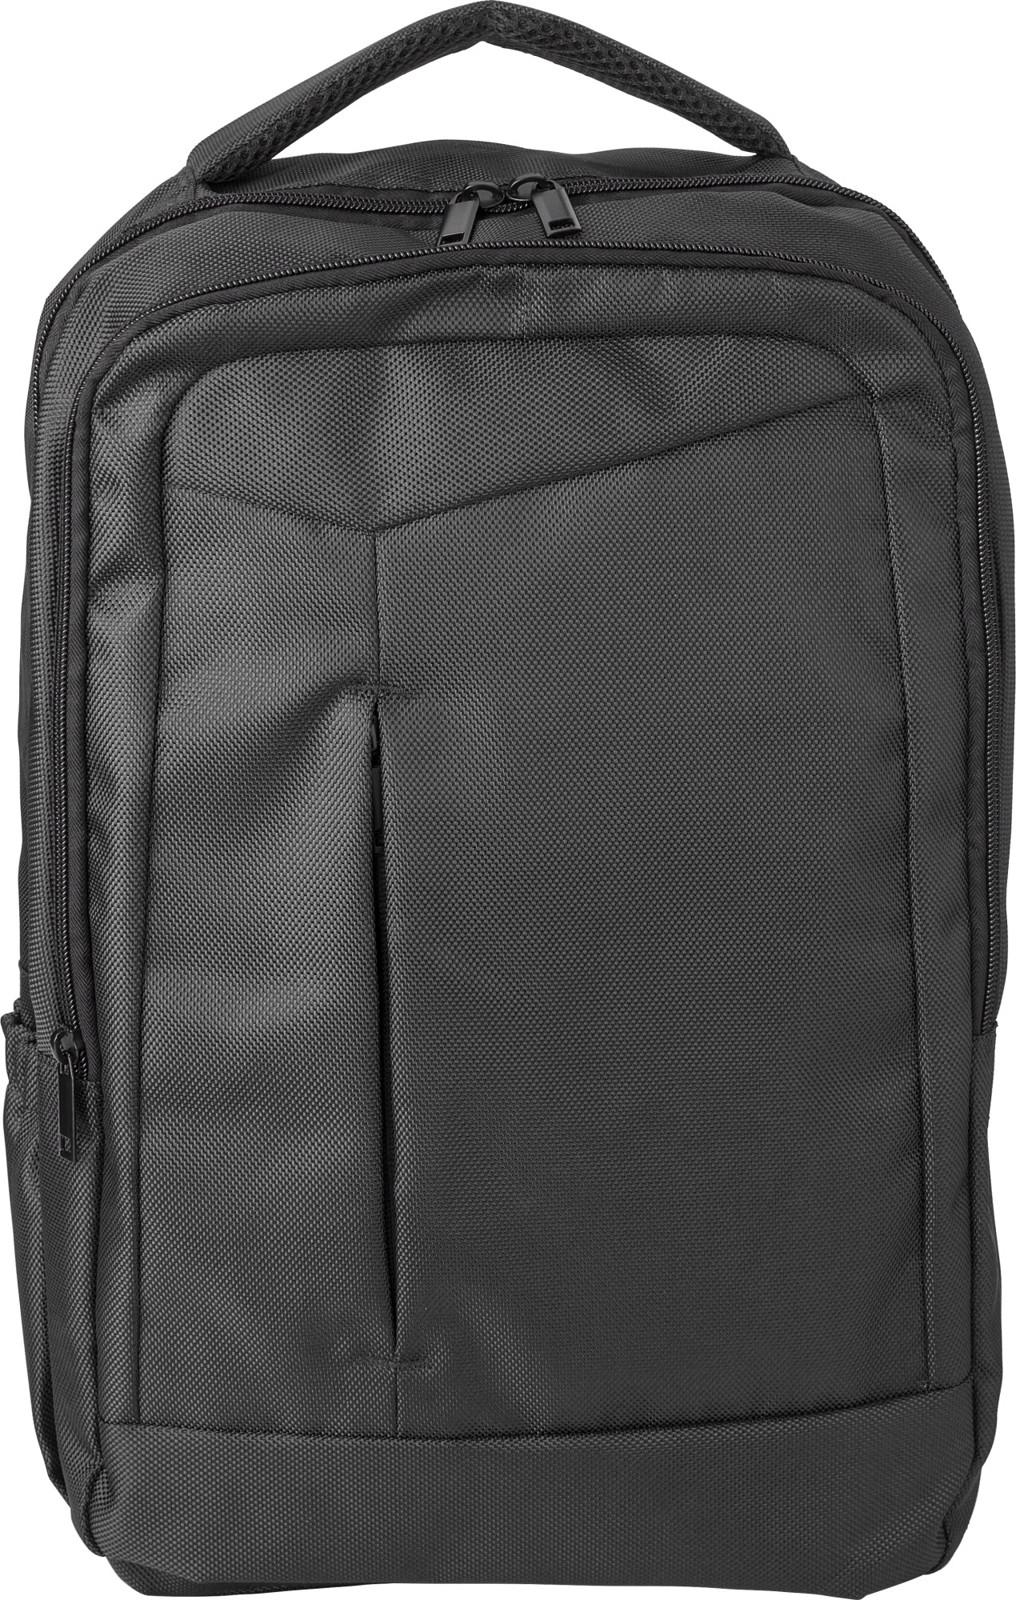 Polyester (1680D) backpack - Black